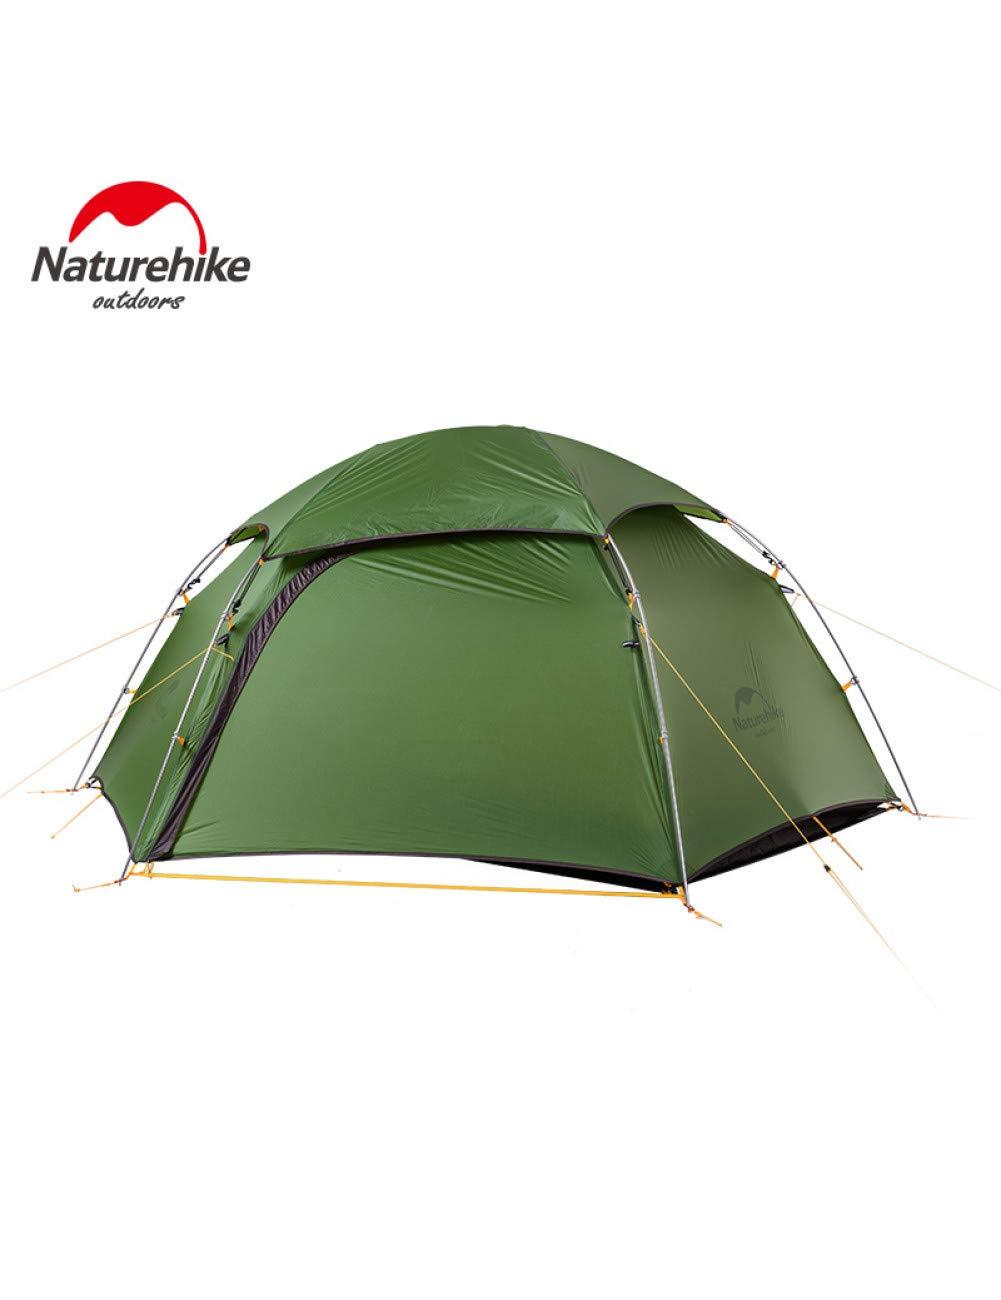 MDZH Tente Outdoor 2 Man 4 Saison Camping Tente Double Couches Ultra-Léger Tentes De Camp d'hiver 2.5Kg vert -